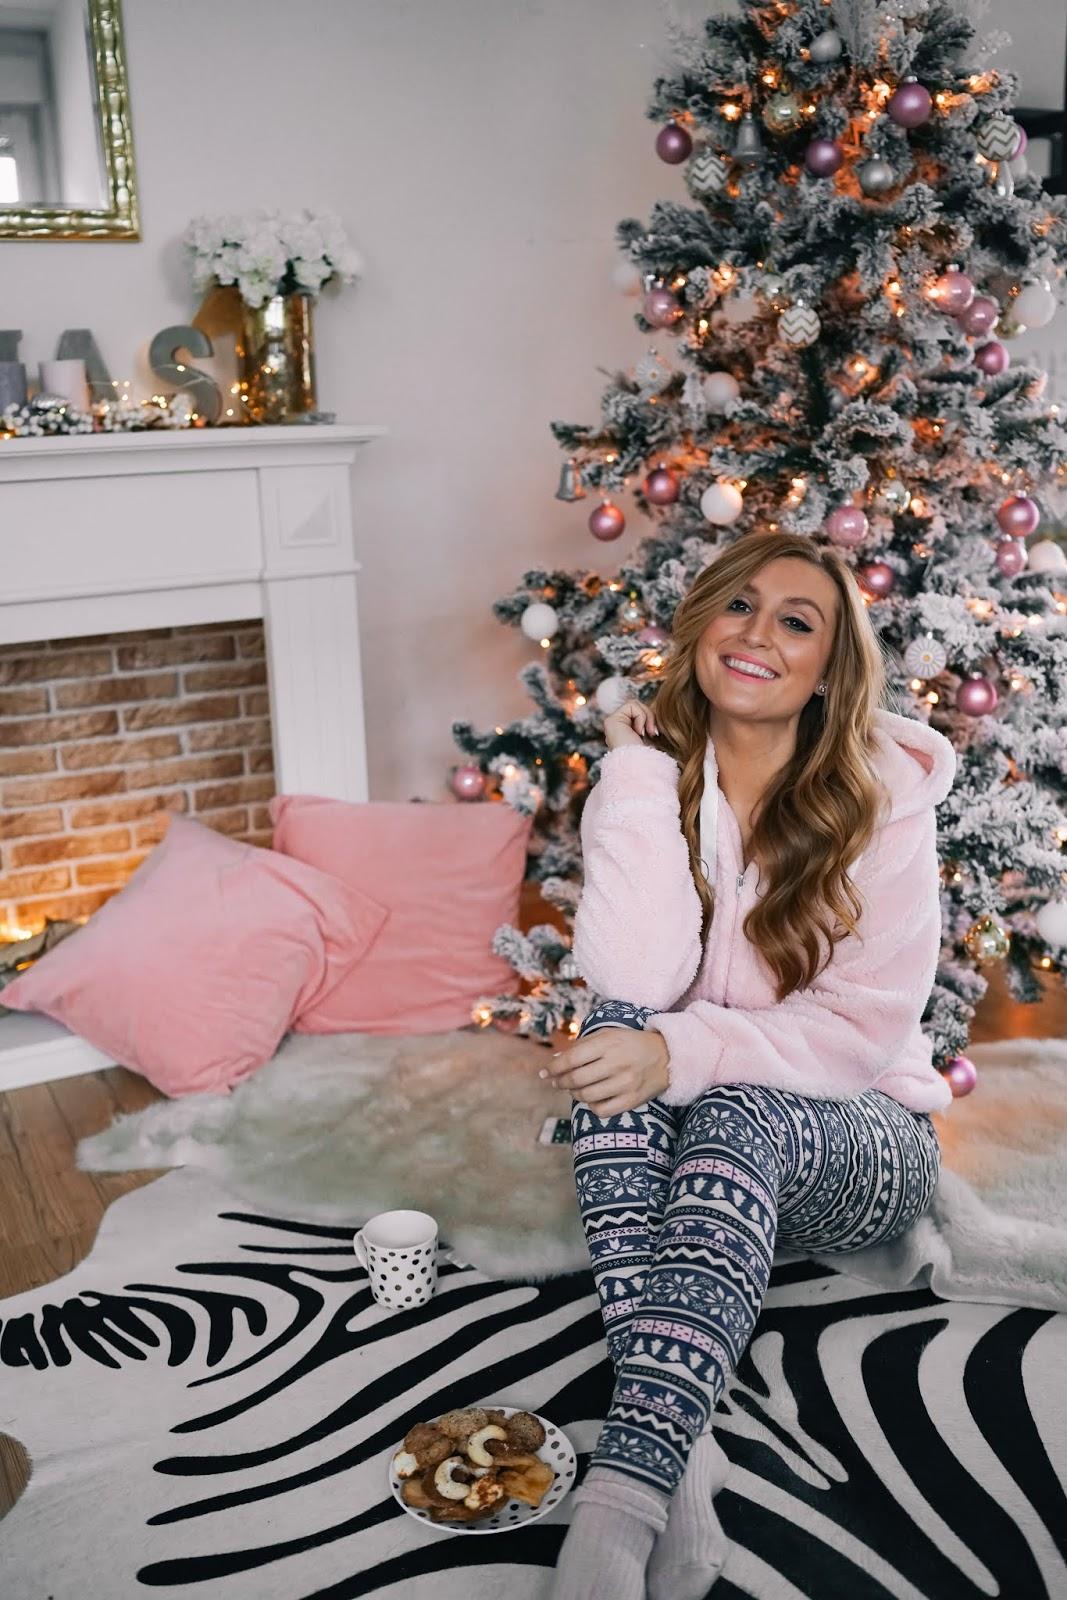 Gemütliches-Weihnachtsoutfit-rosa-kuschel-jacke-cozy-homeoutfit-rosa-Pullover-Homelook-gemütliches-outfi-fashionstylebyjohanna-blogger-aus-frankfurt.jpg (3)